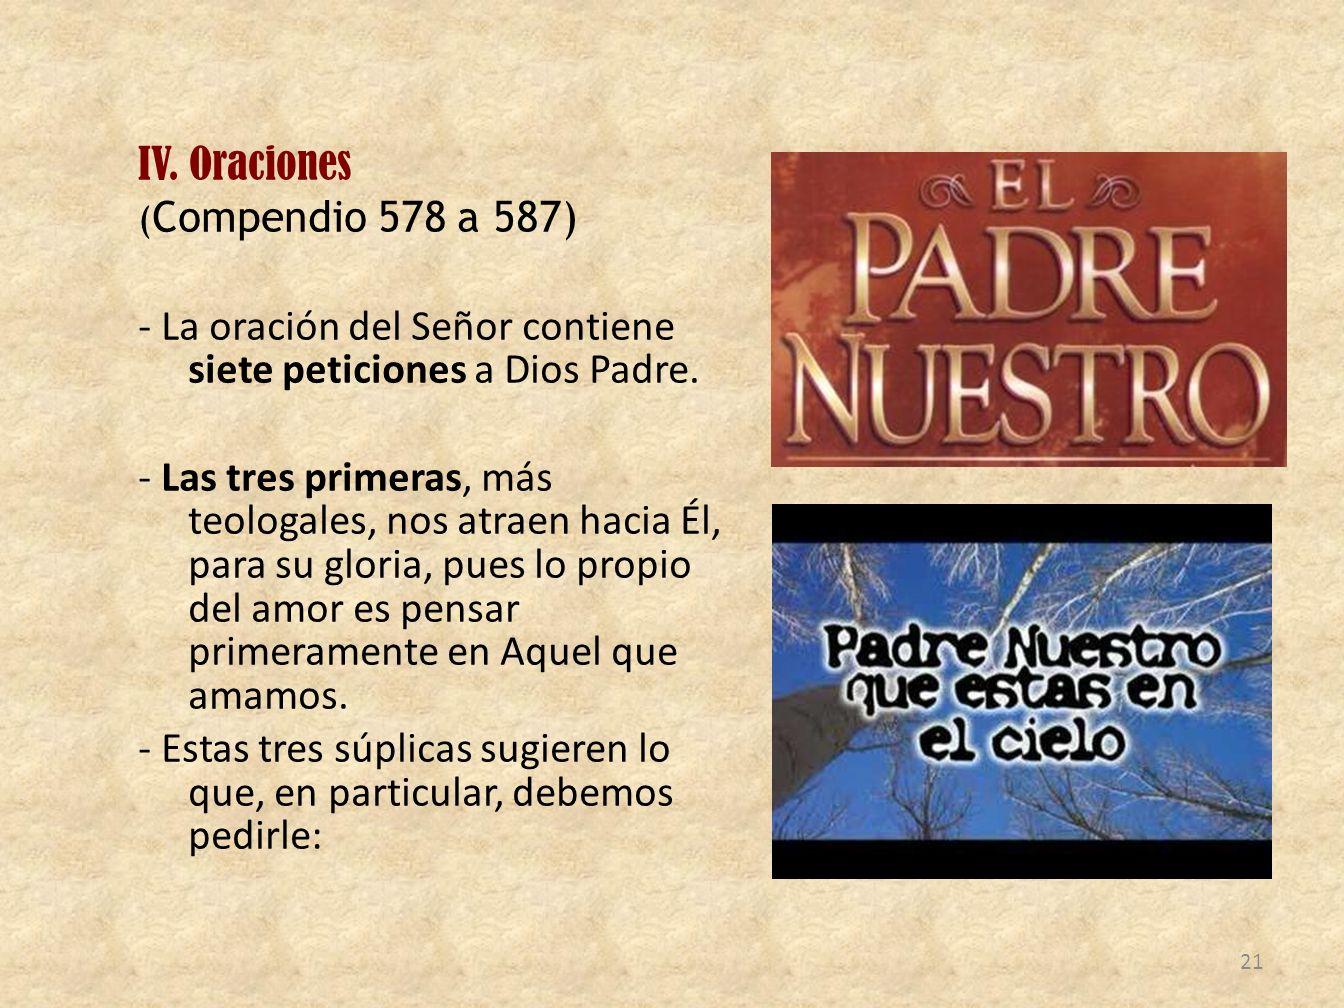 - La oración del Señor contiene siete peticiones a Dios Padre.